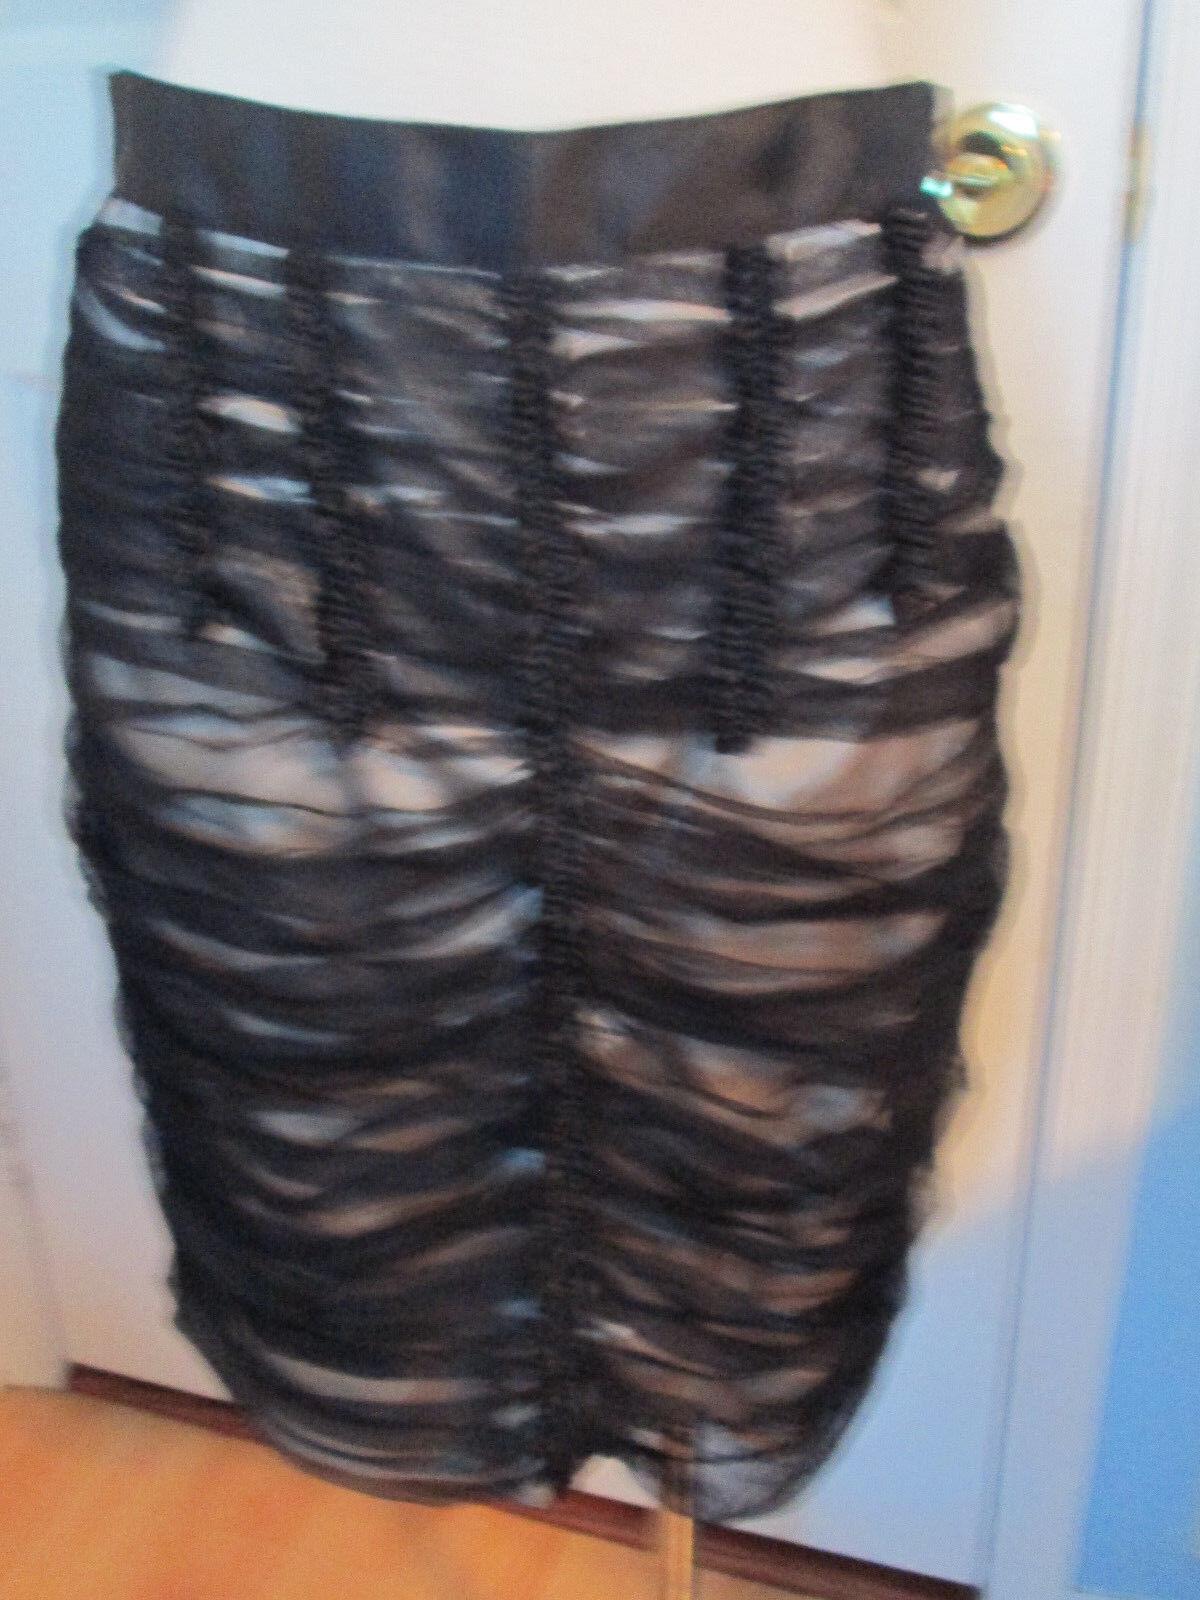 Boston proper skirt new 6